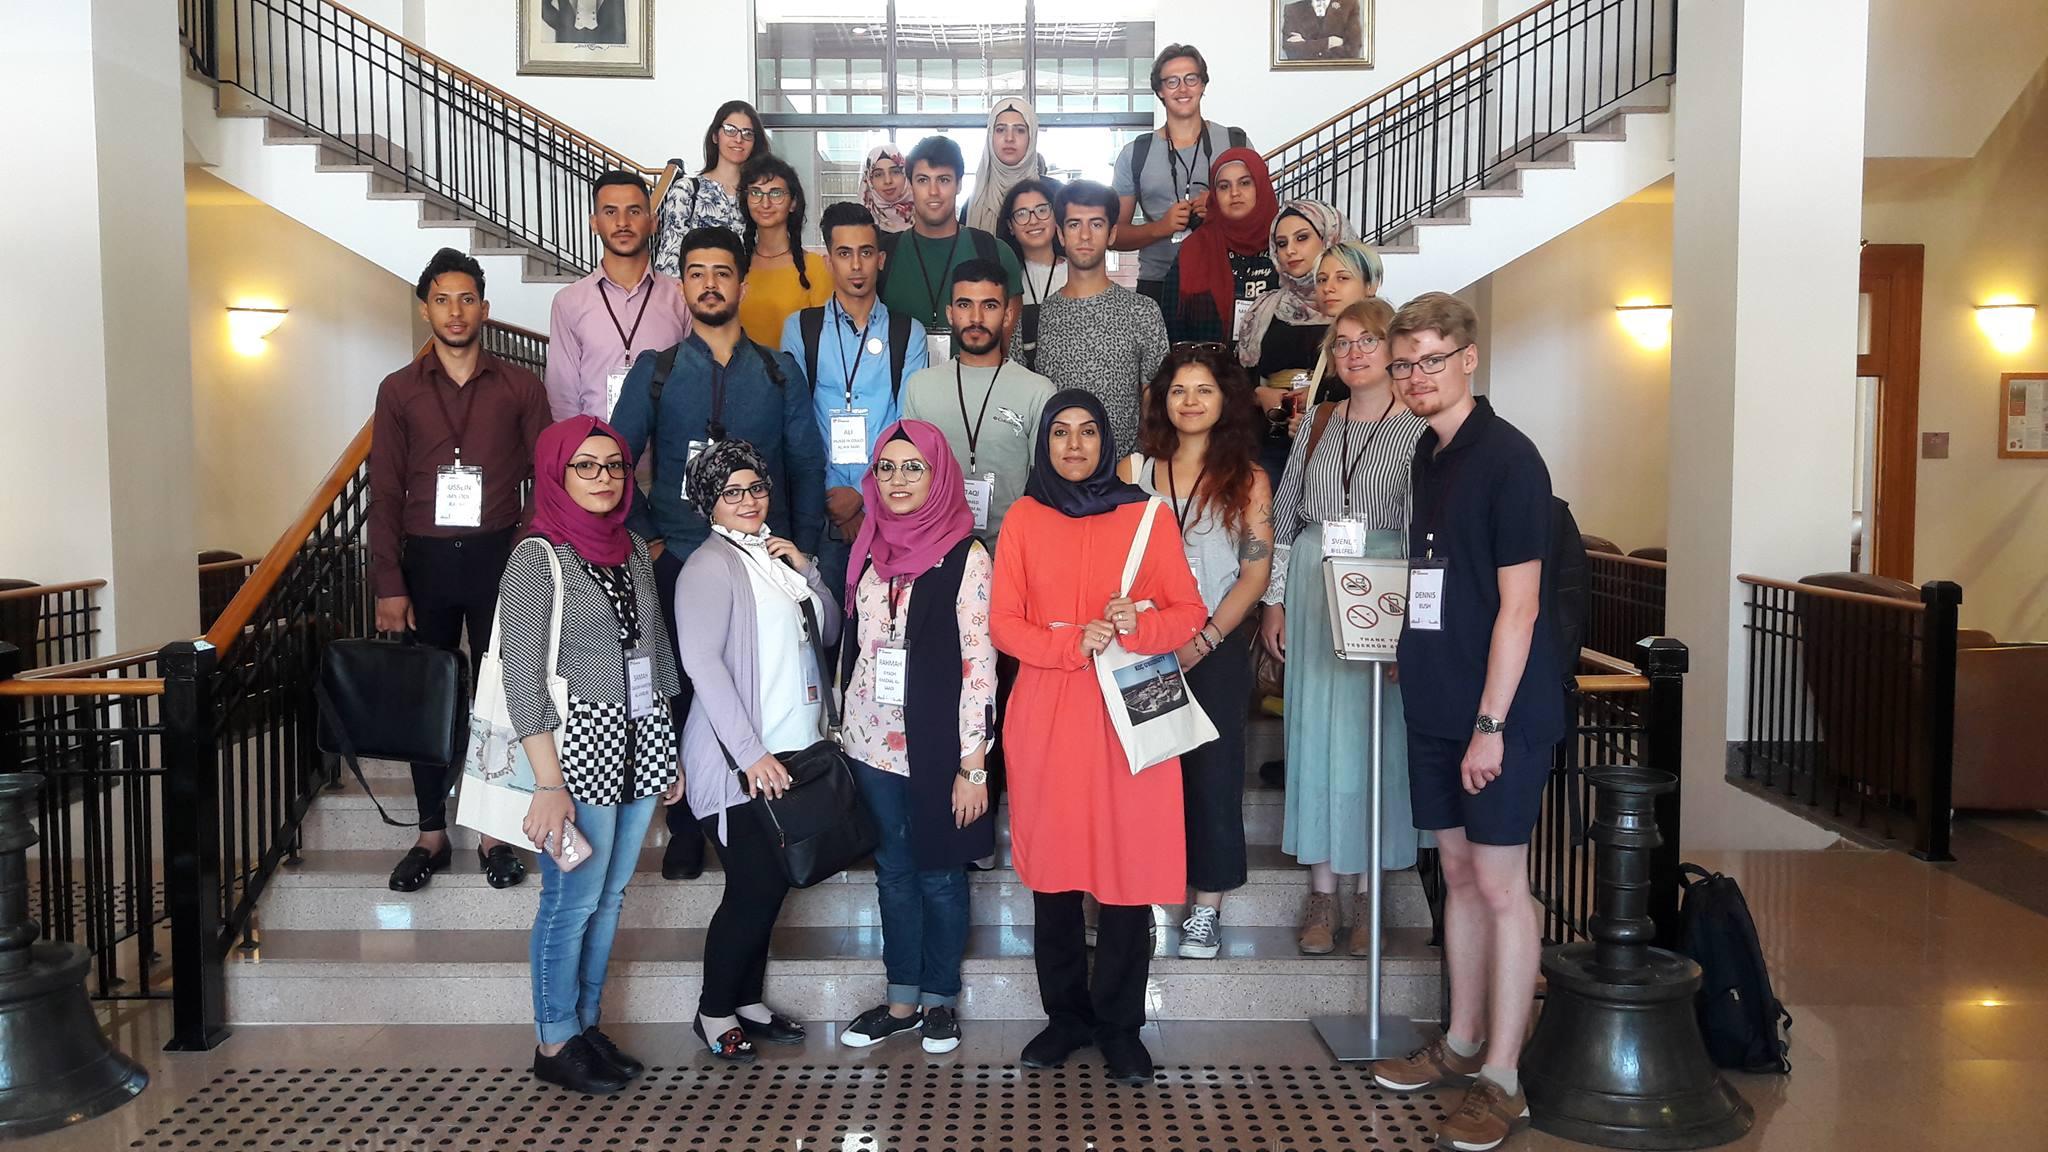 وفد من كلية الأثار يزور جامعة كوج التركية للمشاركة في التدريب الصيفي